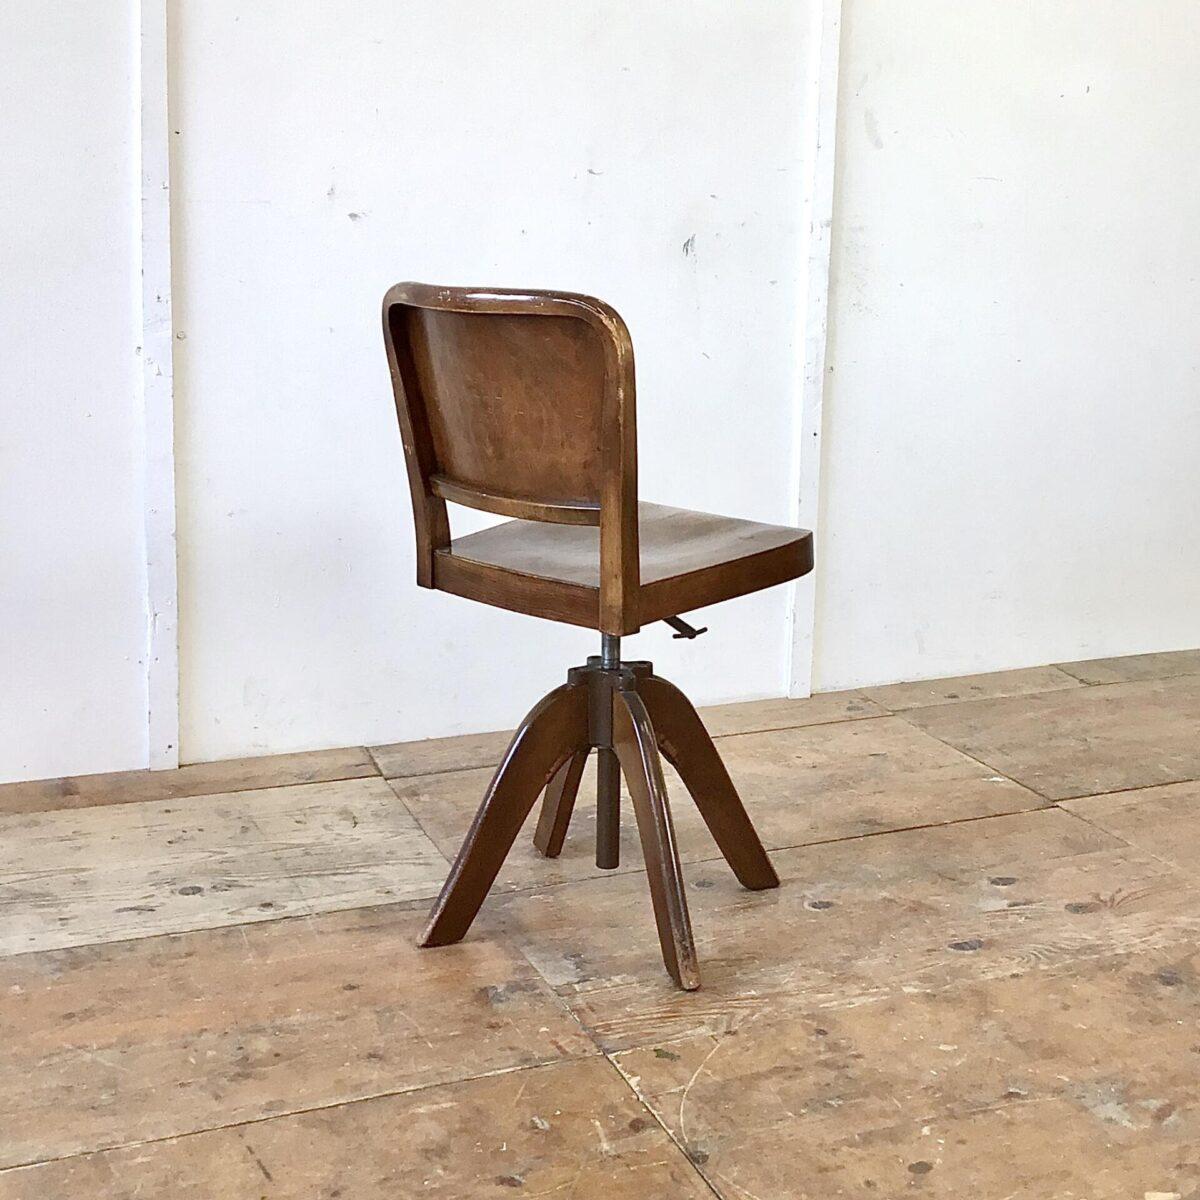 Alter horgenglarus Bürostuhl mit der gewölbten Haefeli Sitzfläche und Lehne. Buchenholz dunkel gebeizt und lackiert. Schöner Original Zustand mit Patina und leichten Gebrauchsspuren. Höhenverstellbar von 46-62.5cm. Der Stuhl ist drehbar und sehr ergonomisch geformt.